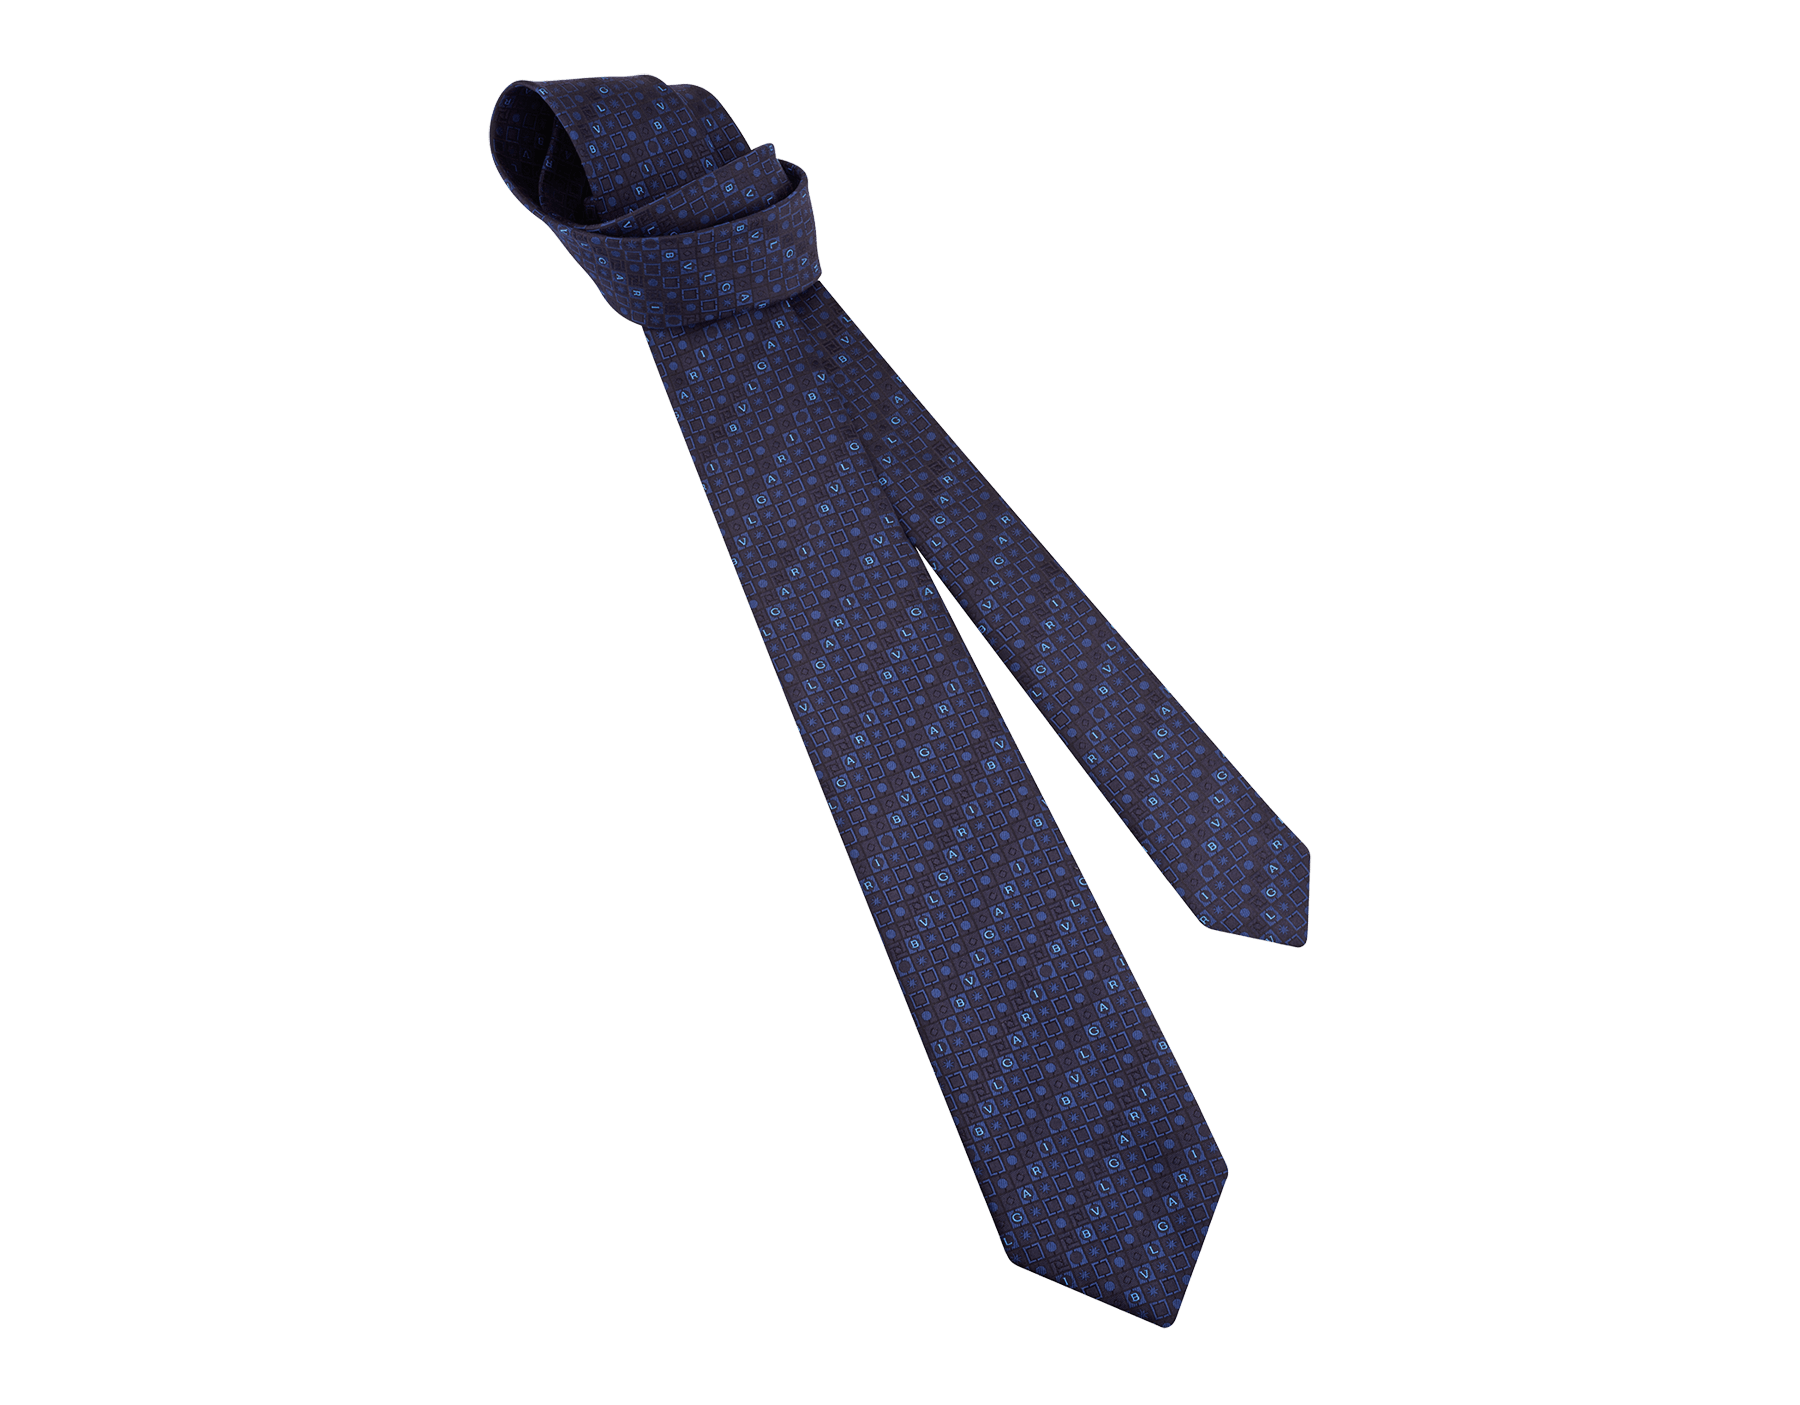 Cravatta sette pieghe blu navy con motivo Logo Peter in pregiata seta saglione stampata. 243668 image 1